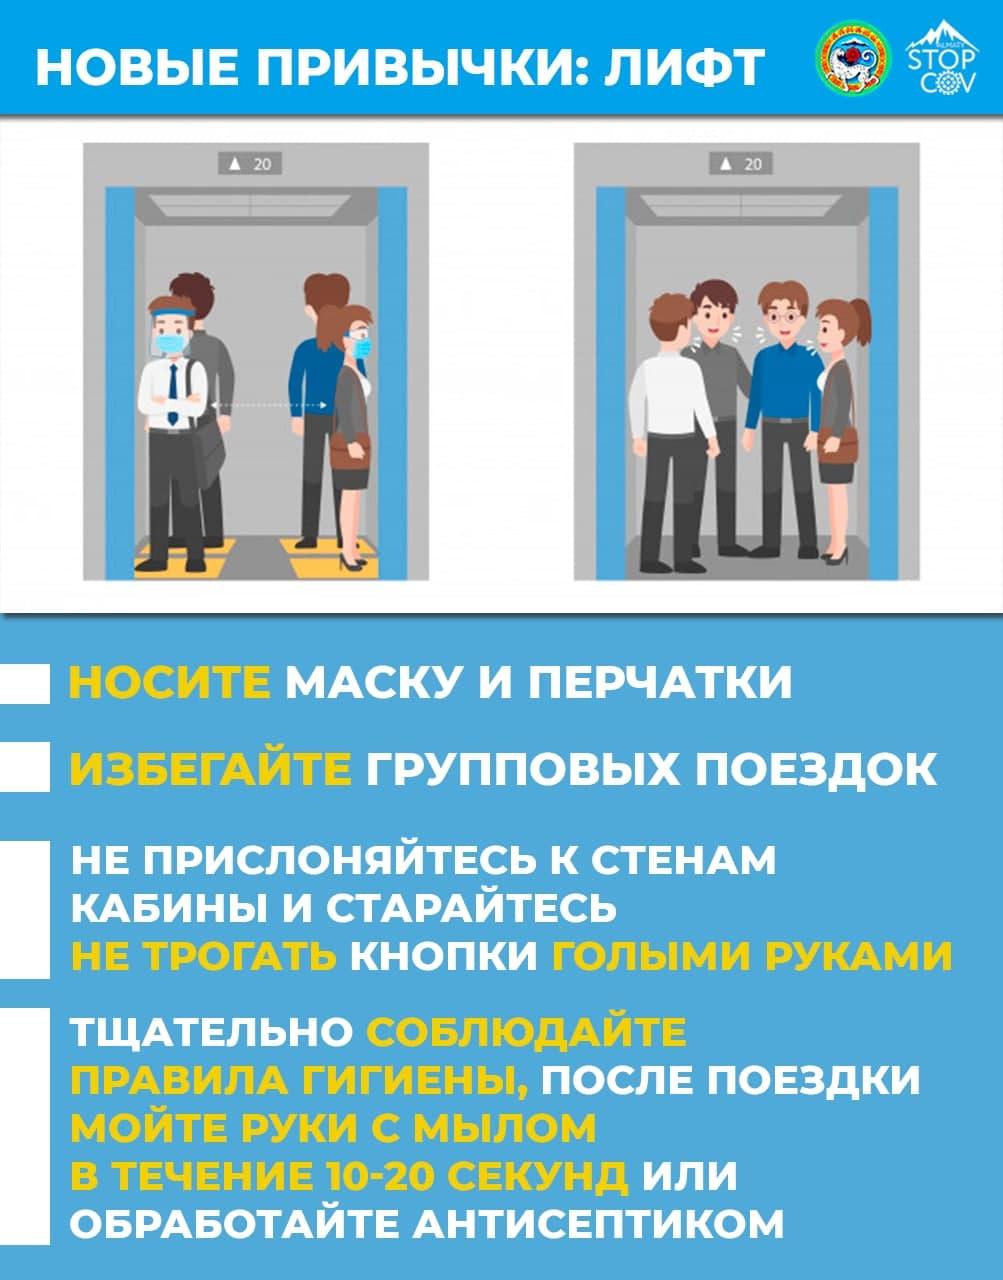 Новые привычки: Лифт